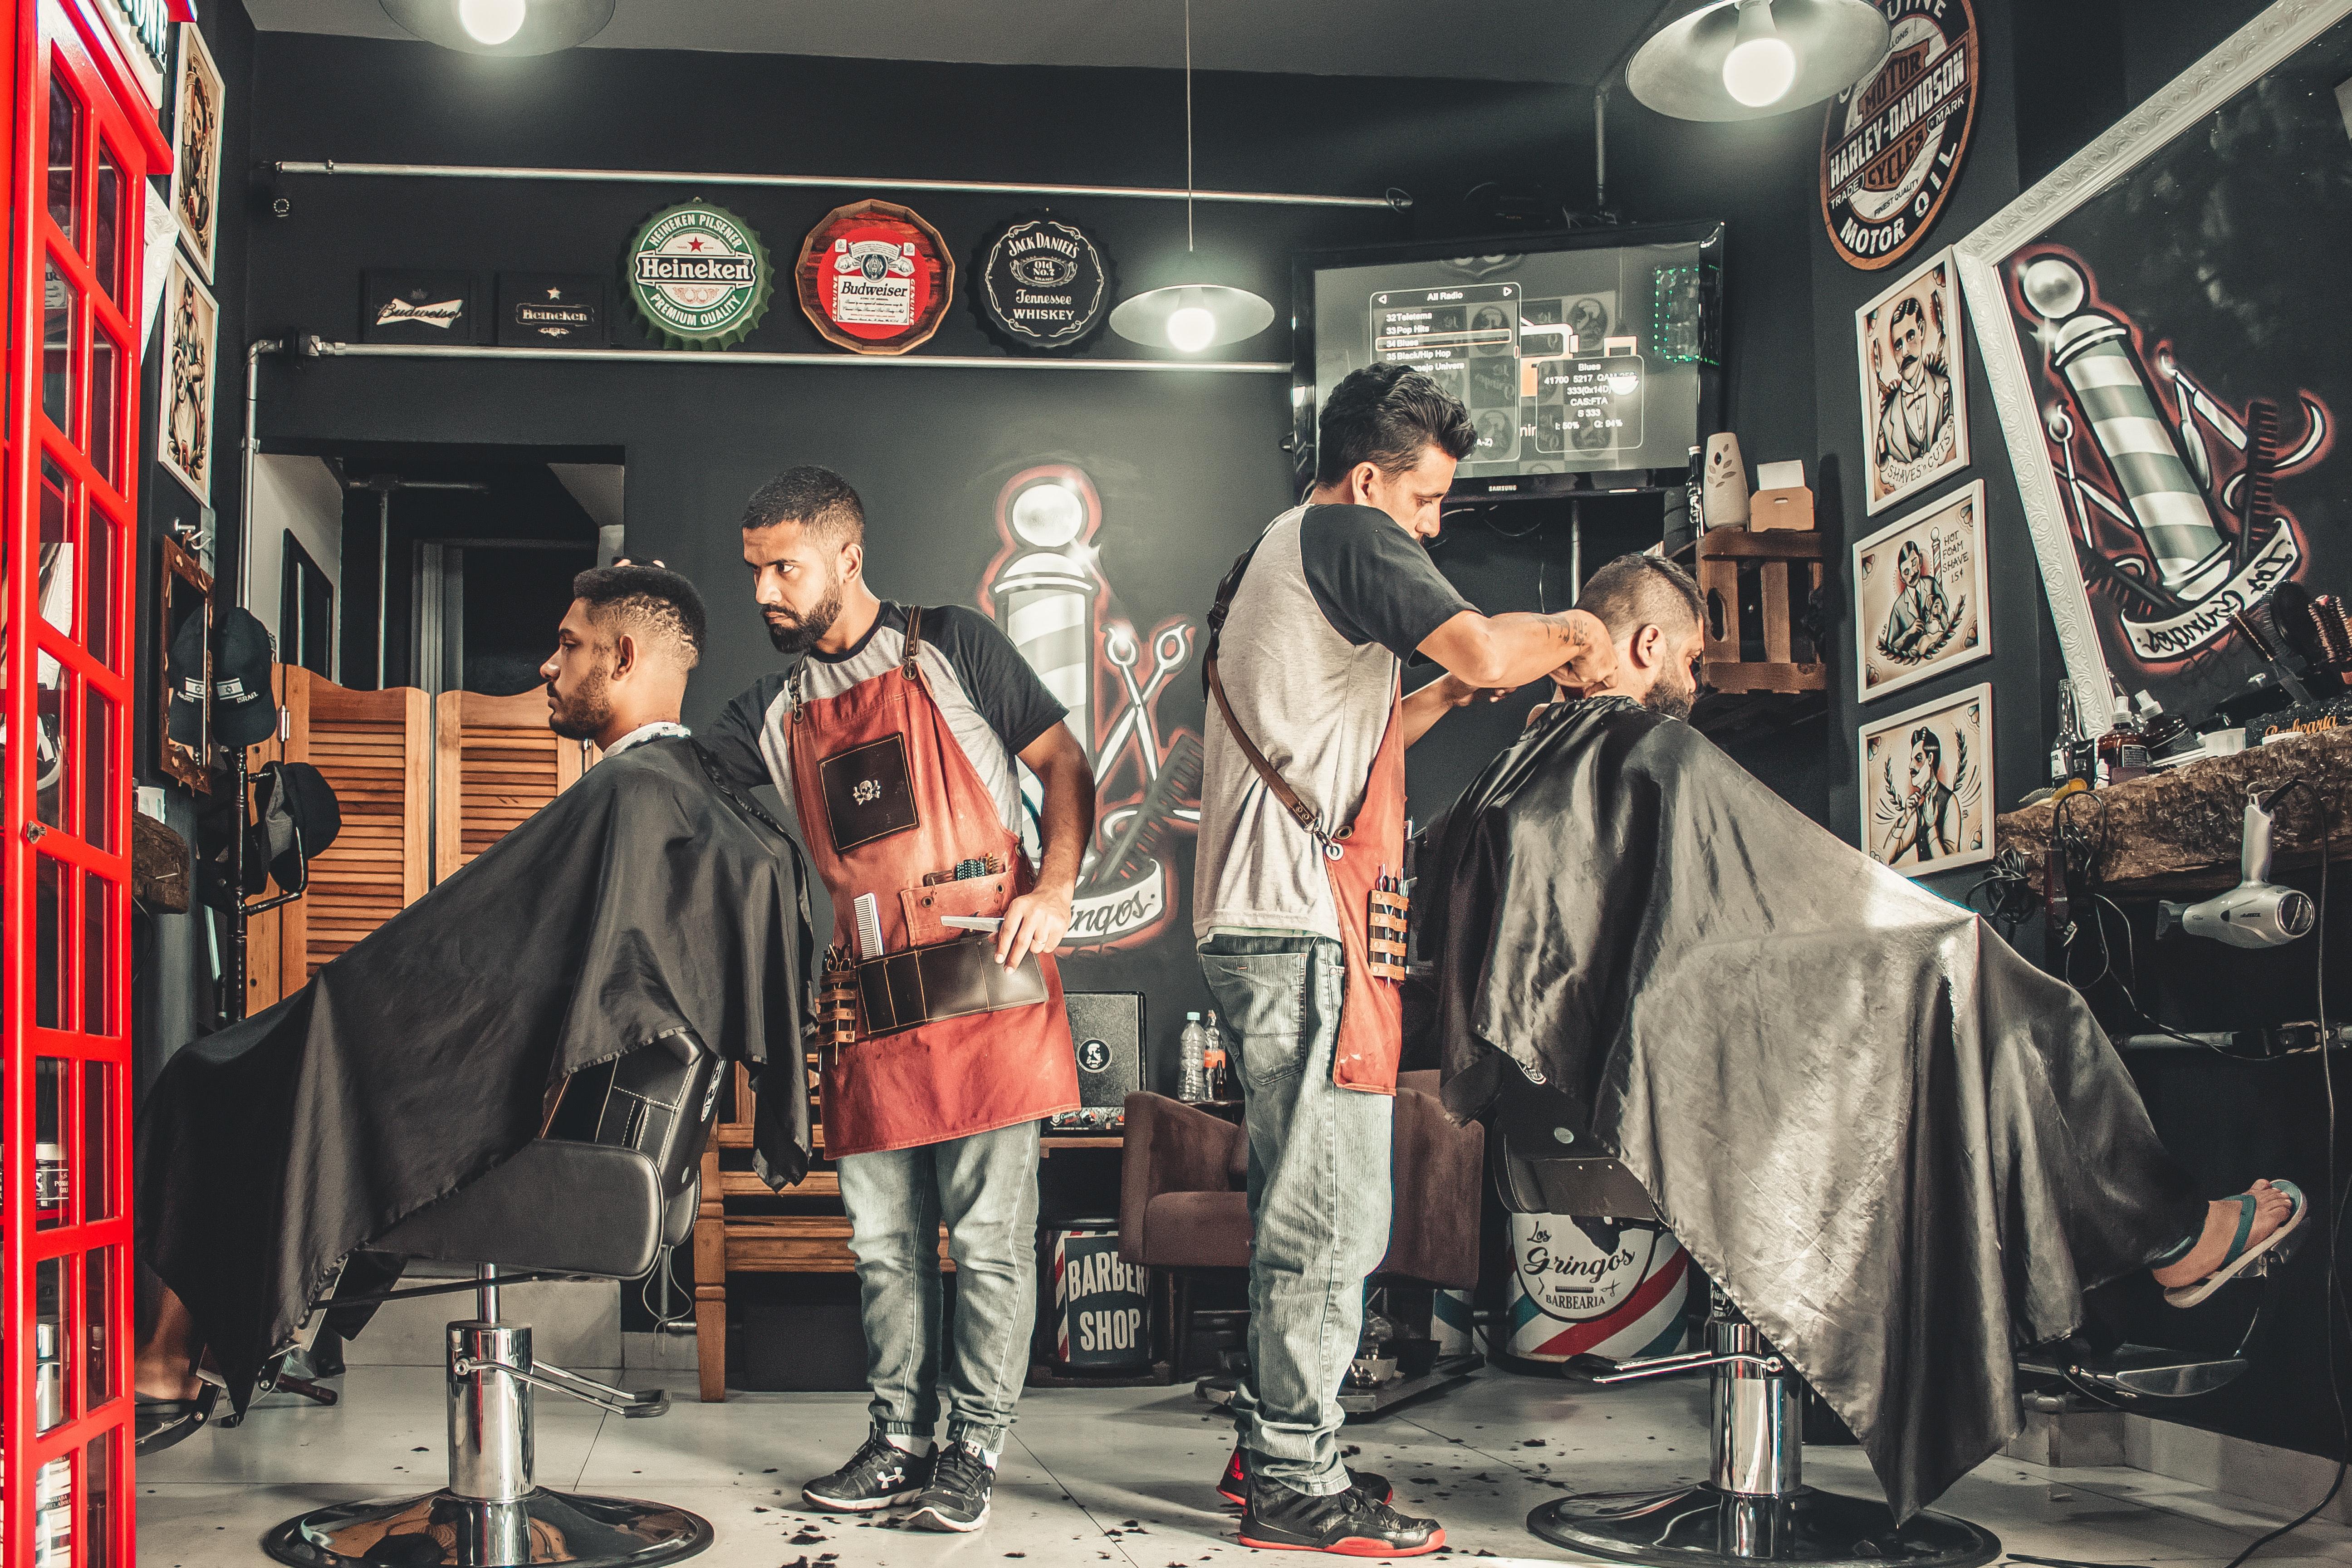 Oferta de empleo en Madrid: Barberos/as para gran evento